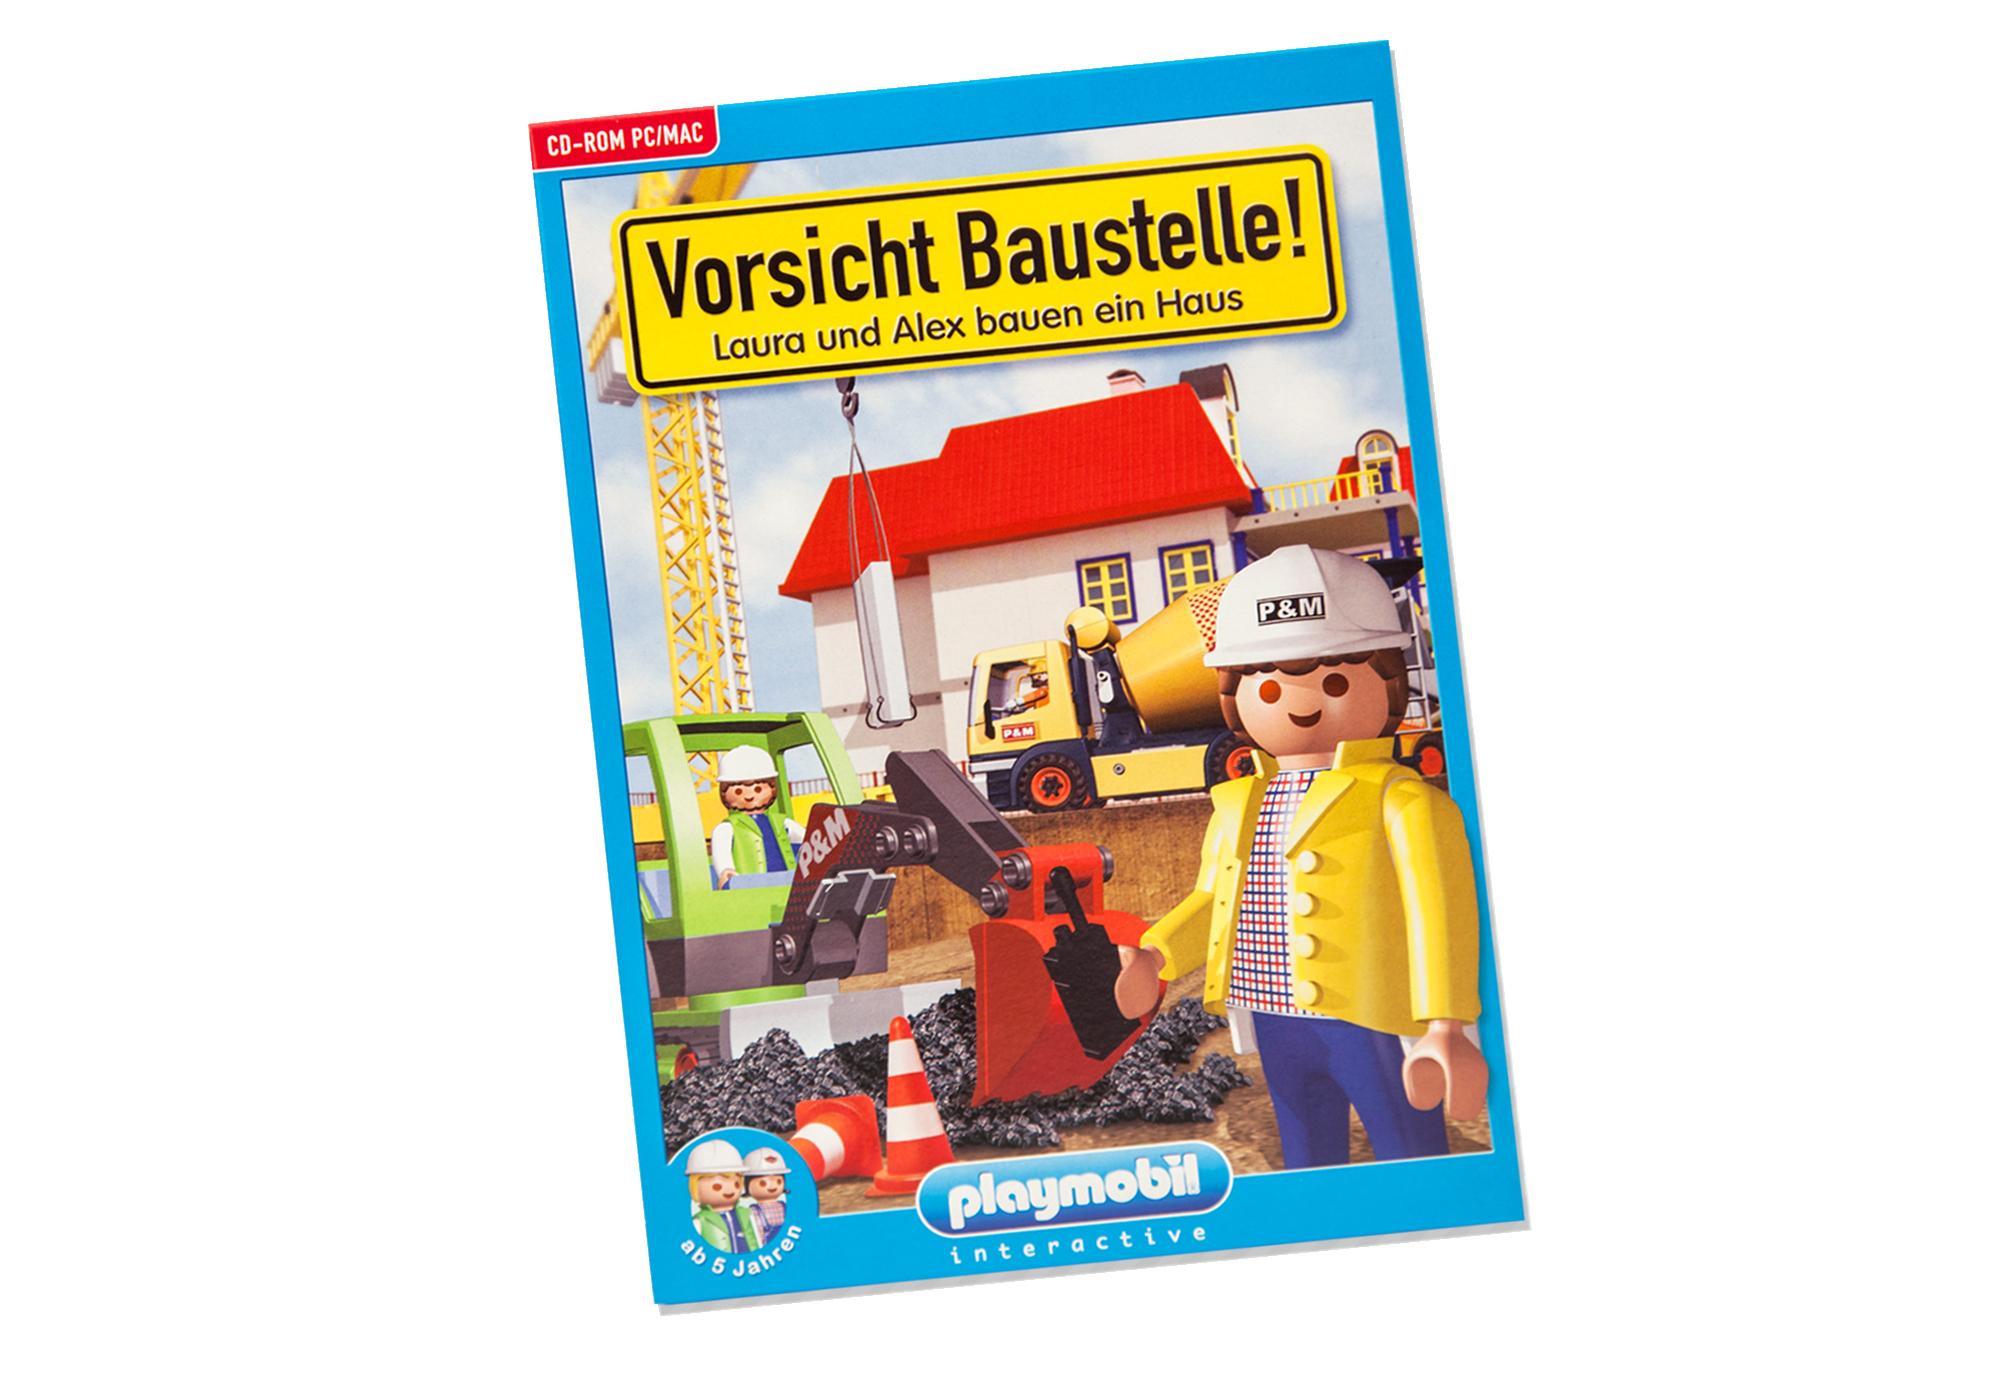 Haus bauen baustelle  Vorsicht Baustelle! – Laura und Alex bauen ein Haus - 80099 ...